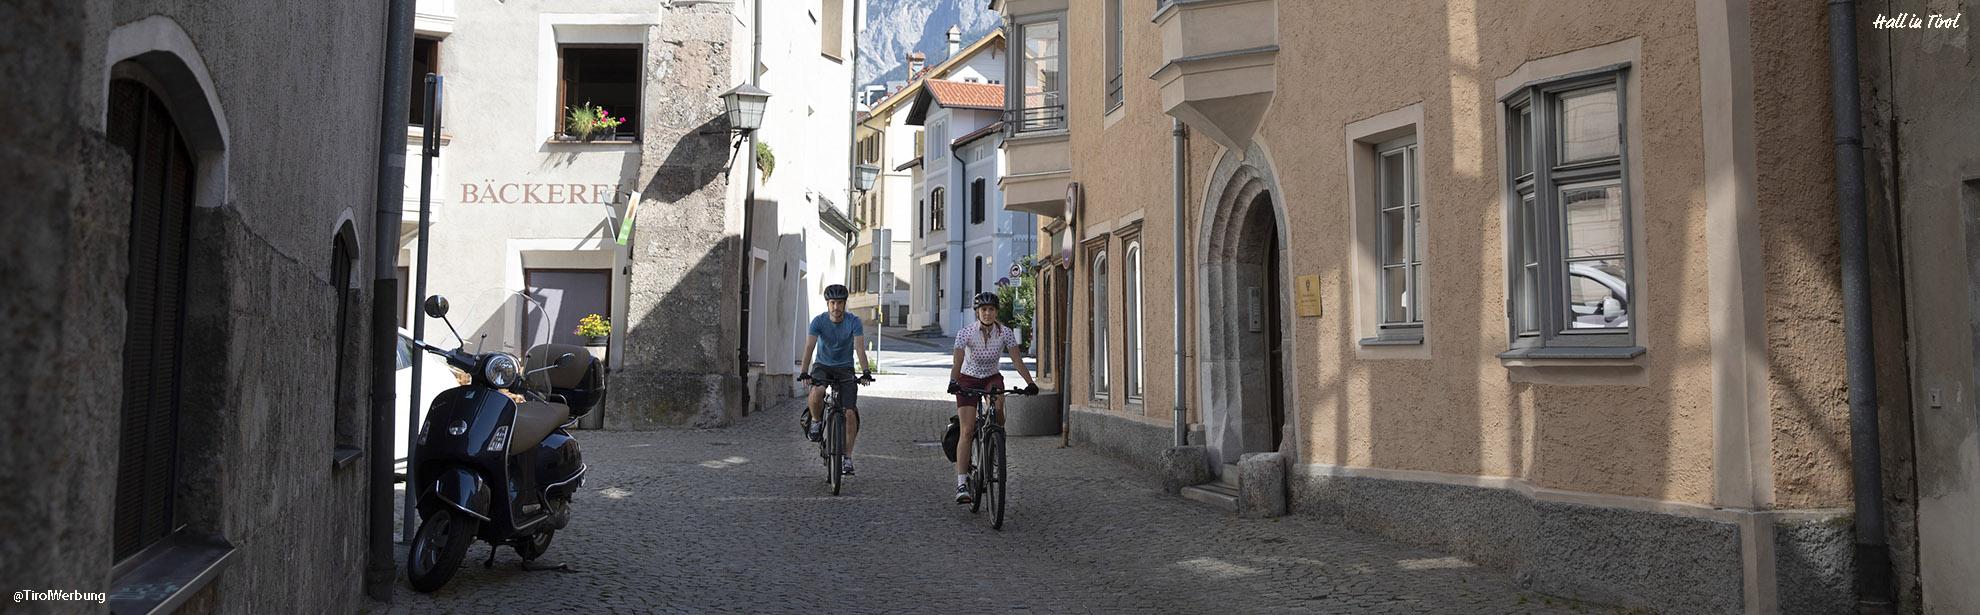 OTirolWerbung-Hall-in-Tirol_1226333